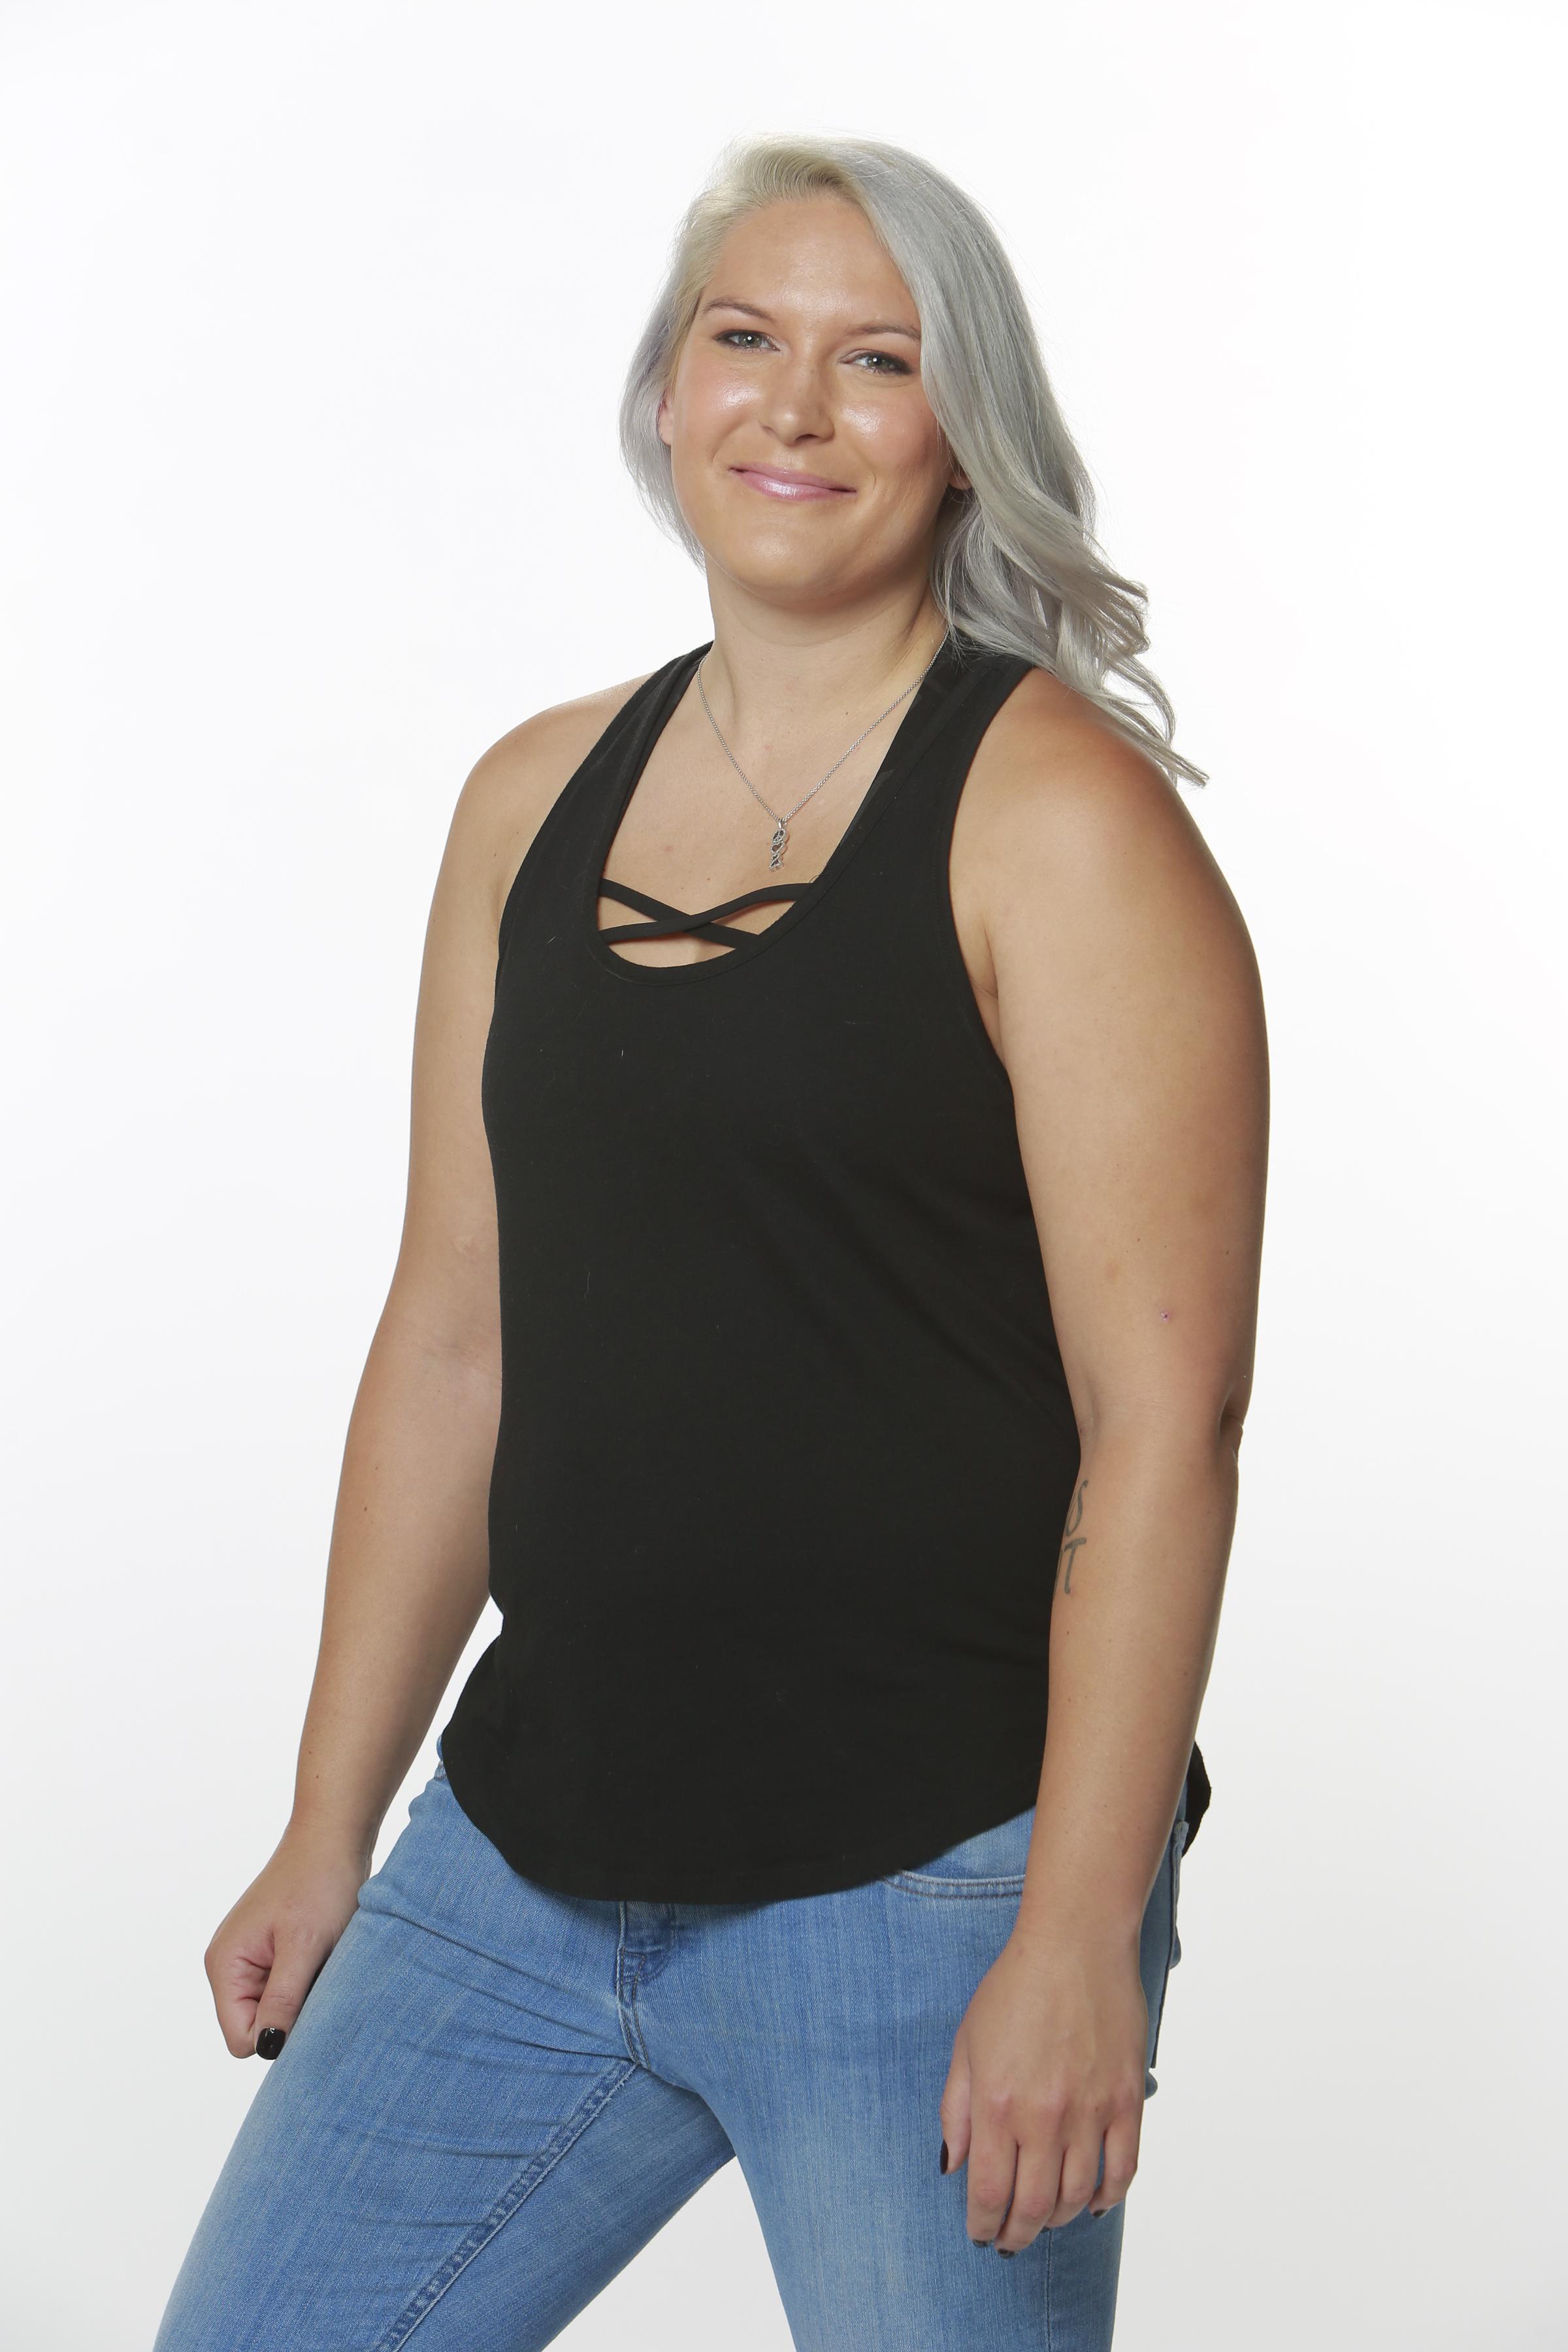 Megan Lowder, 28, Cathedral City, Calif., dog walker